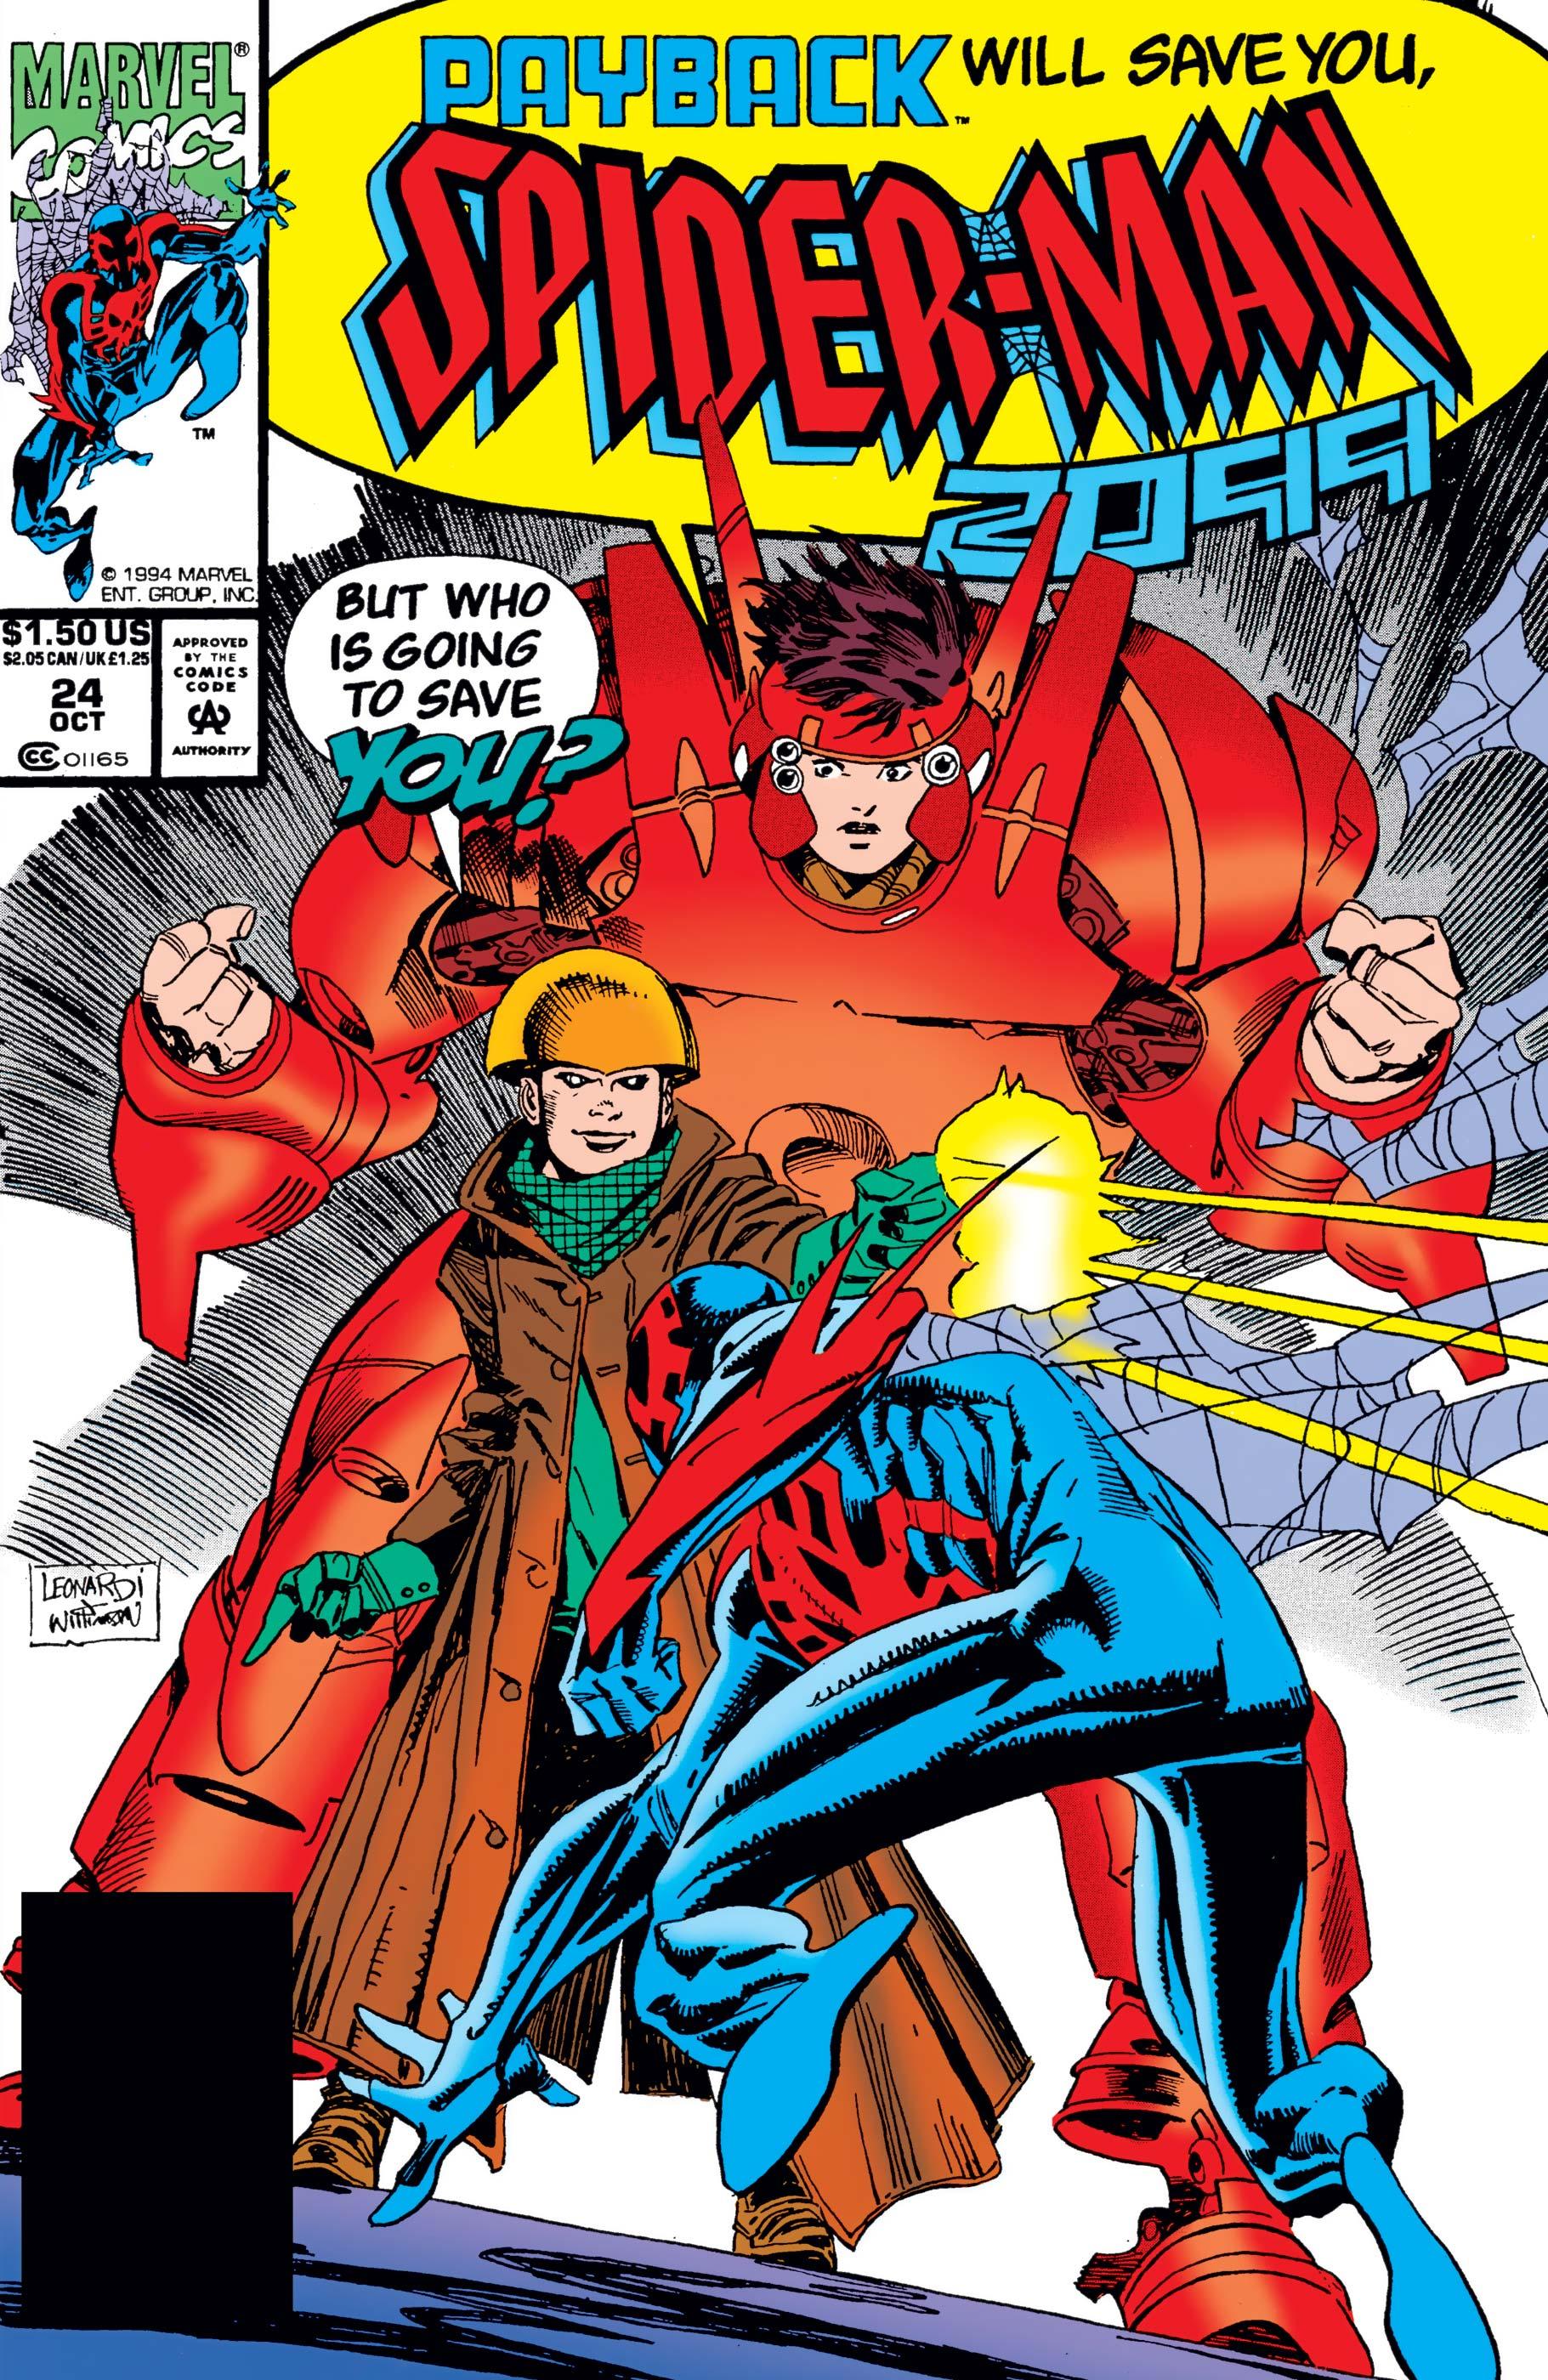 Spider-Man 2099 (1992) #24